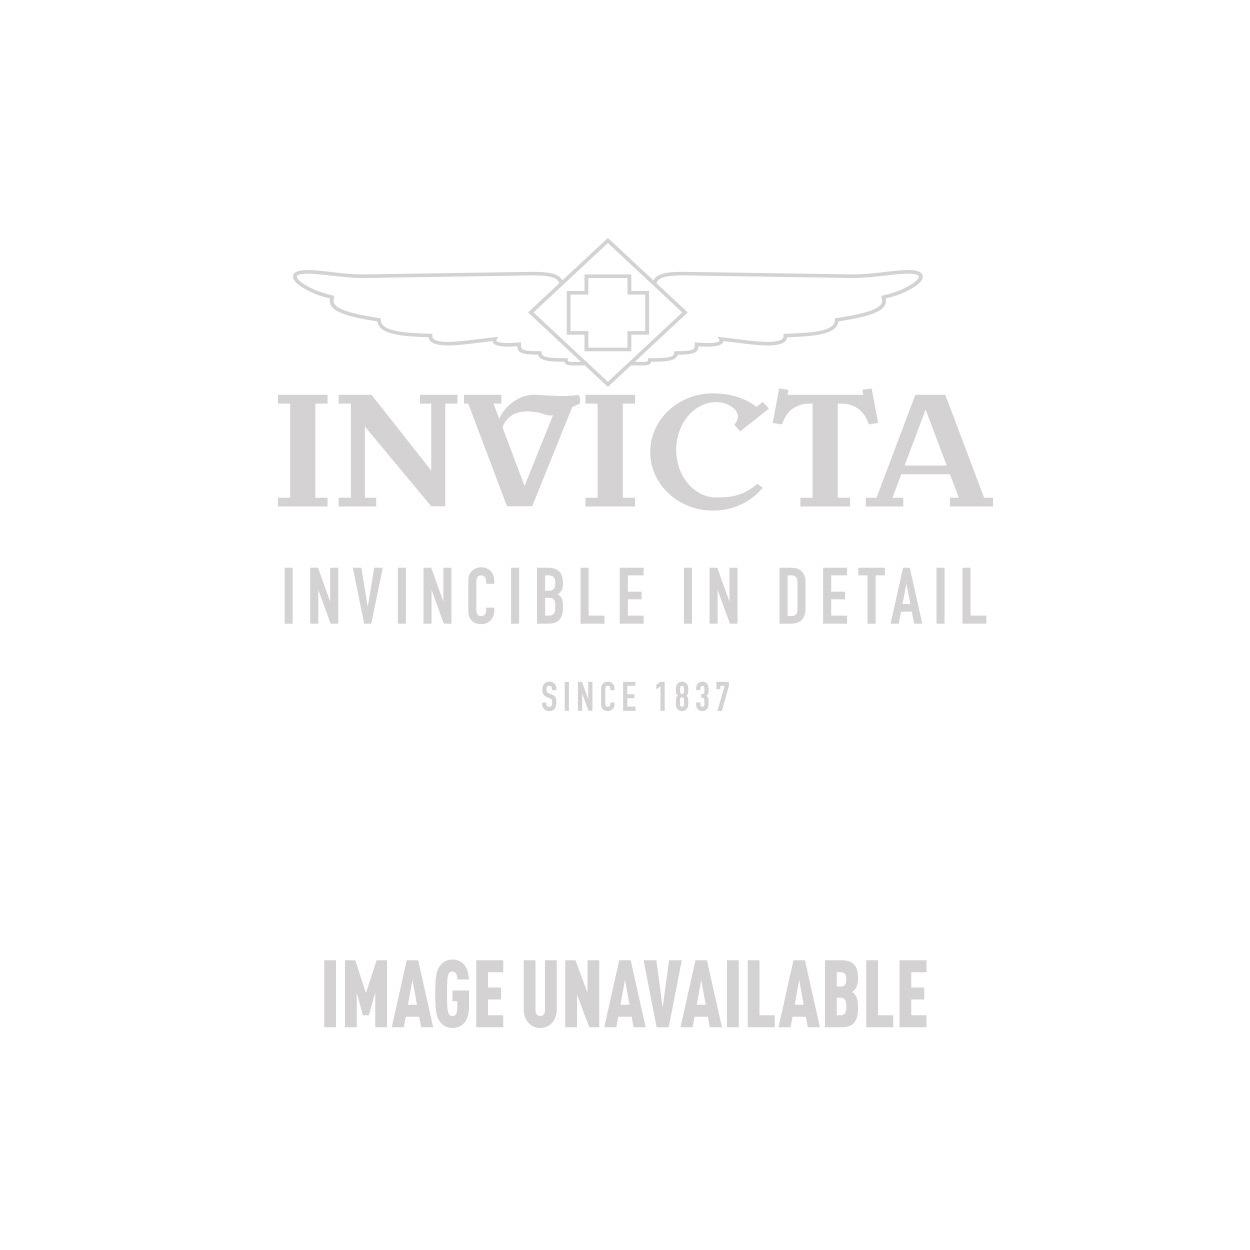 Invicta Model 25531